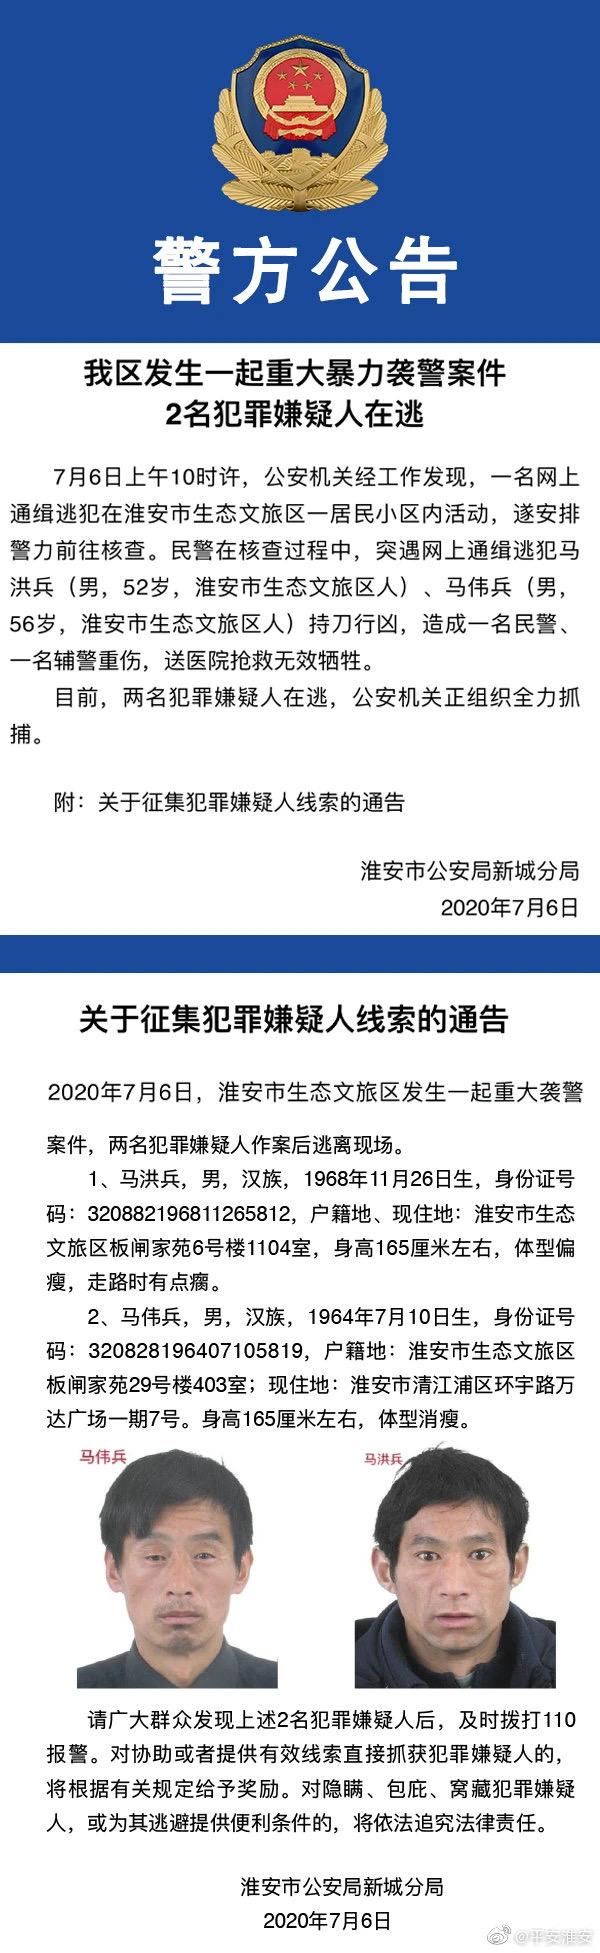 【百度优化排名】_江苏两年轻警察抓捕罪犯时牺牲 嫌疑人曾因寻衅滋事被通缉